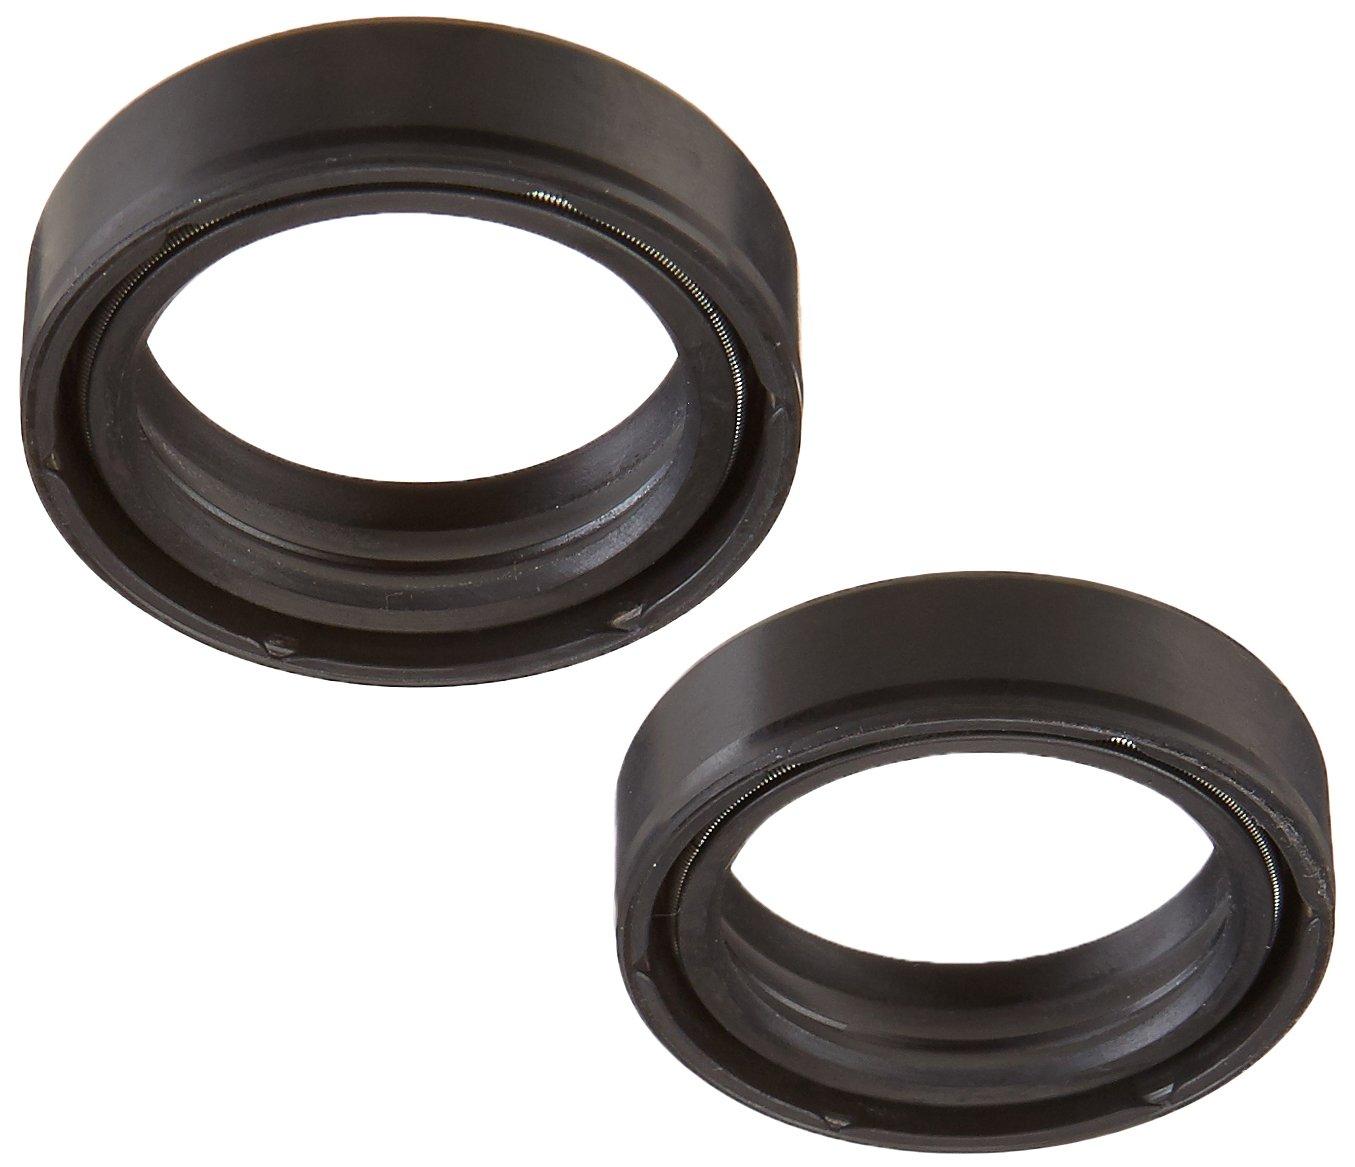 K&S 16-1006 Fork Oil Seal Set